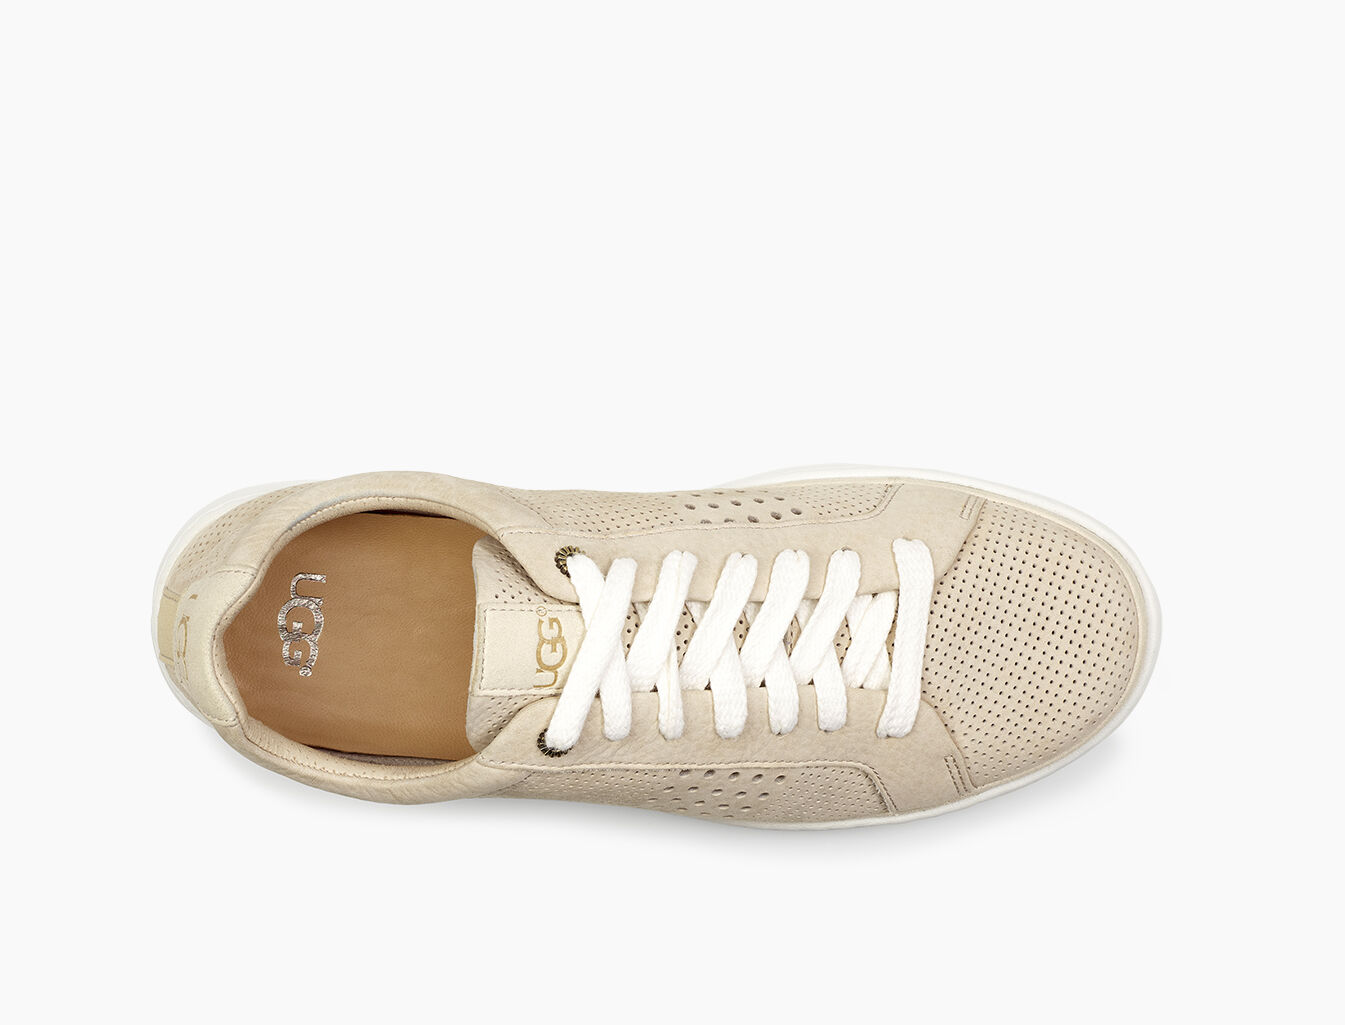 Cali Sneaker Low Perf - Ugg (US)